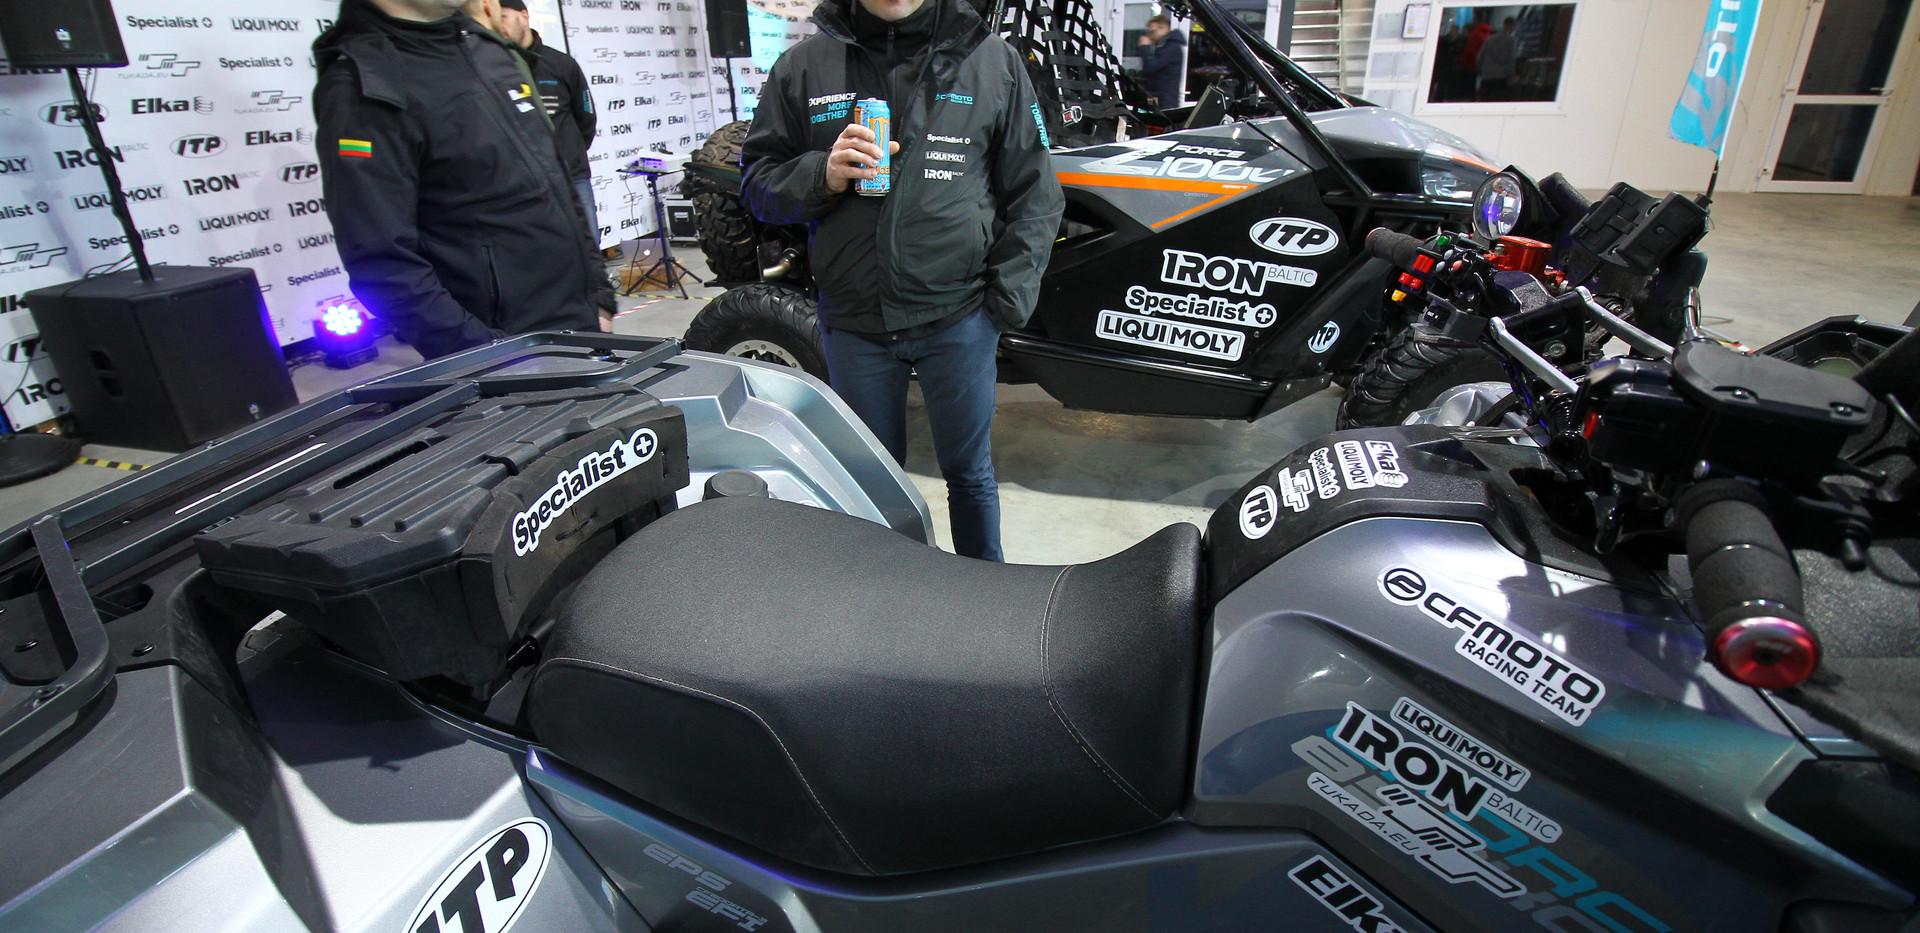 CFMOTO RACING TEAM 03 13 IMG_3597.JPG